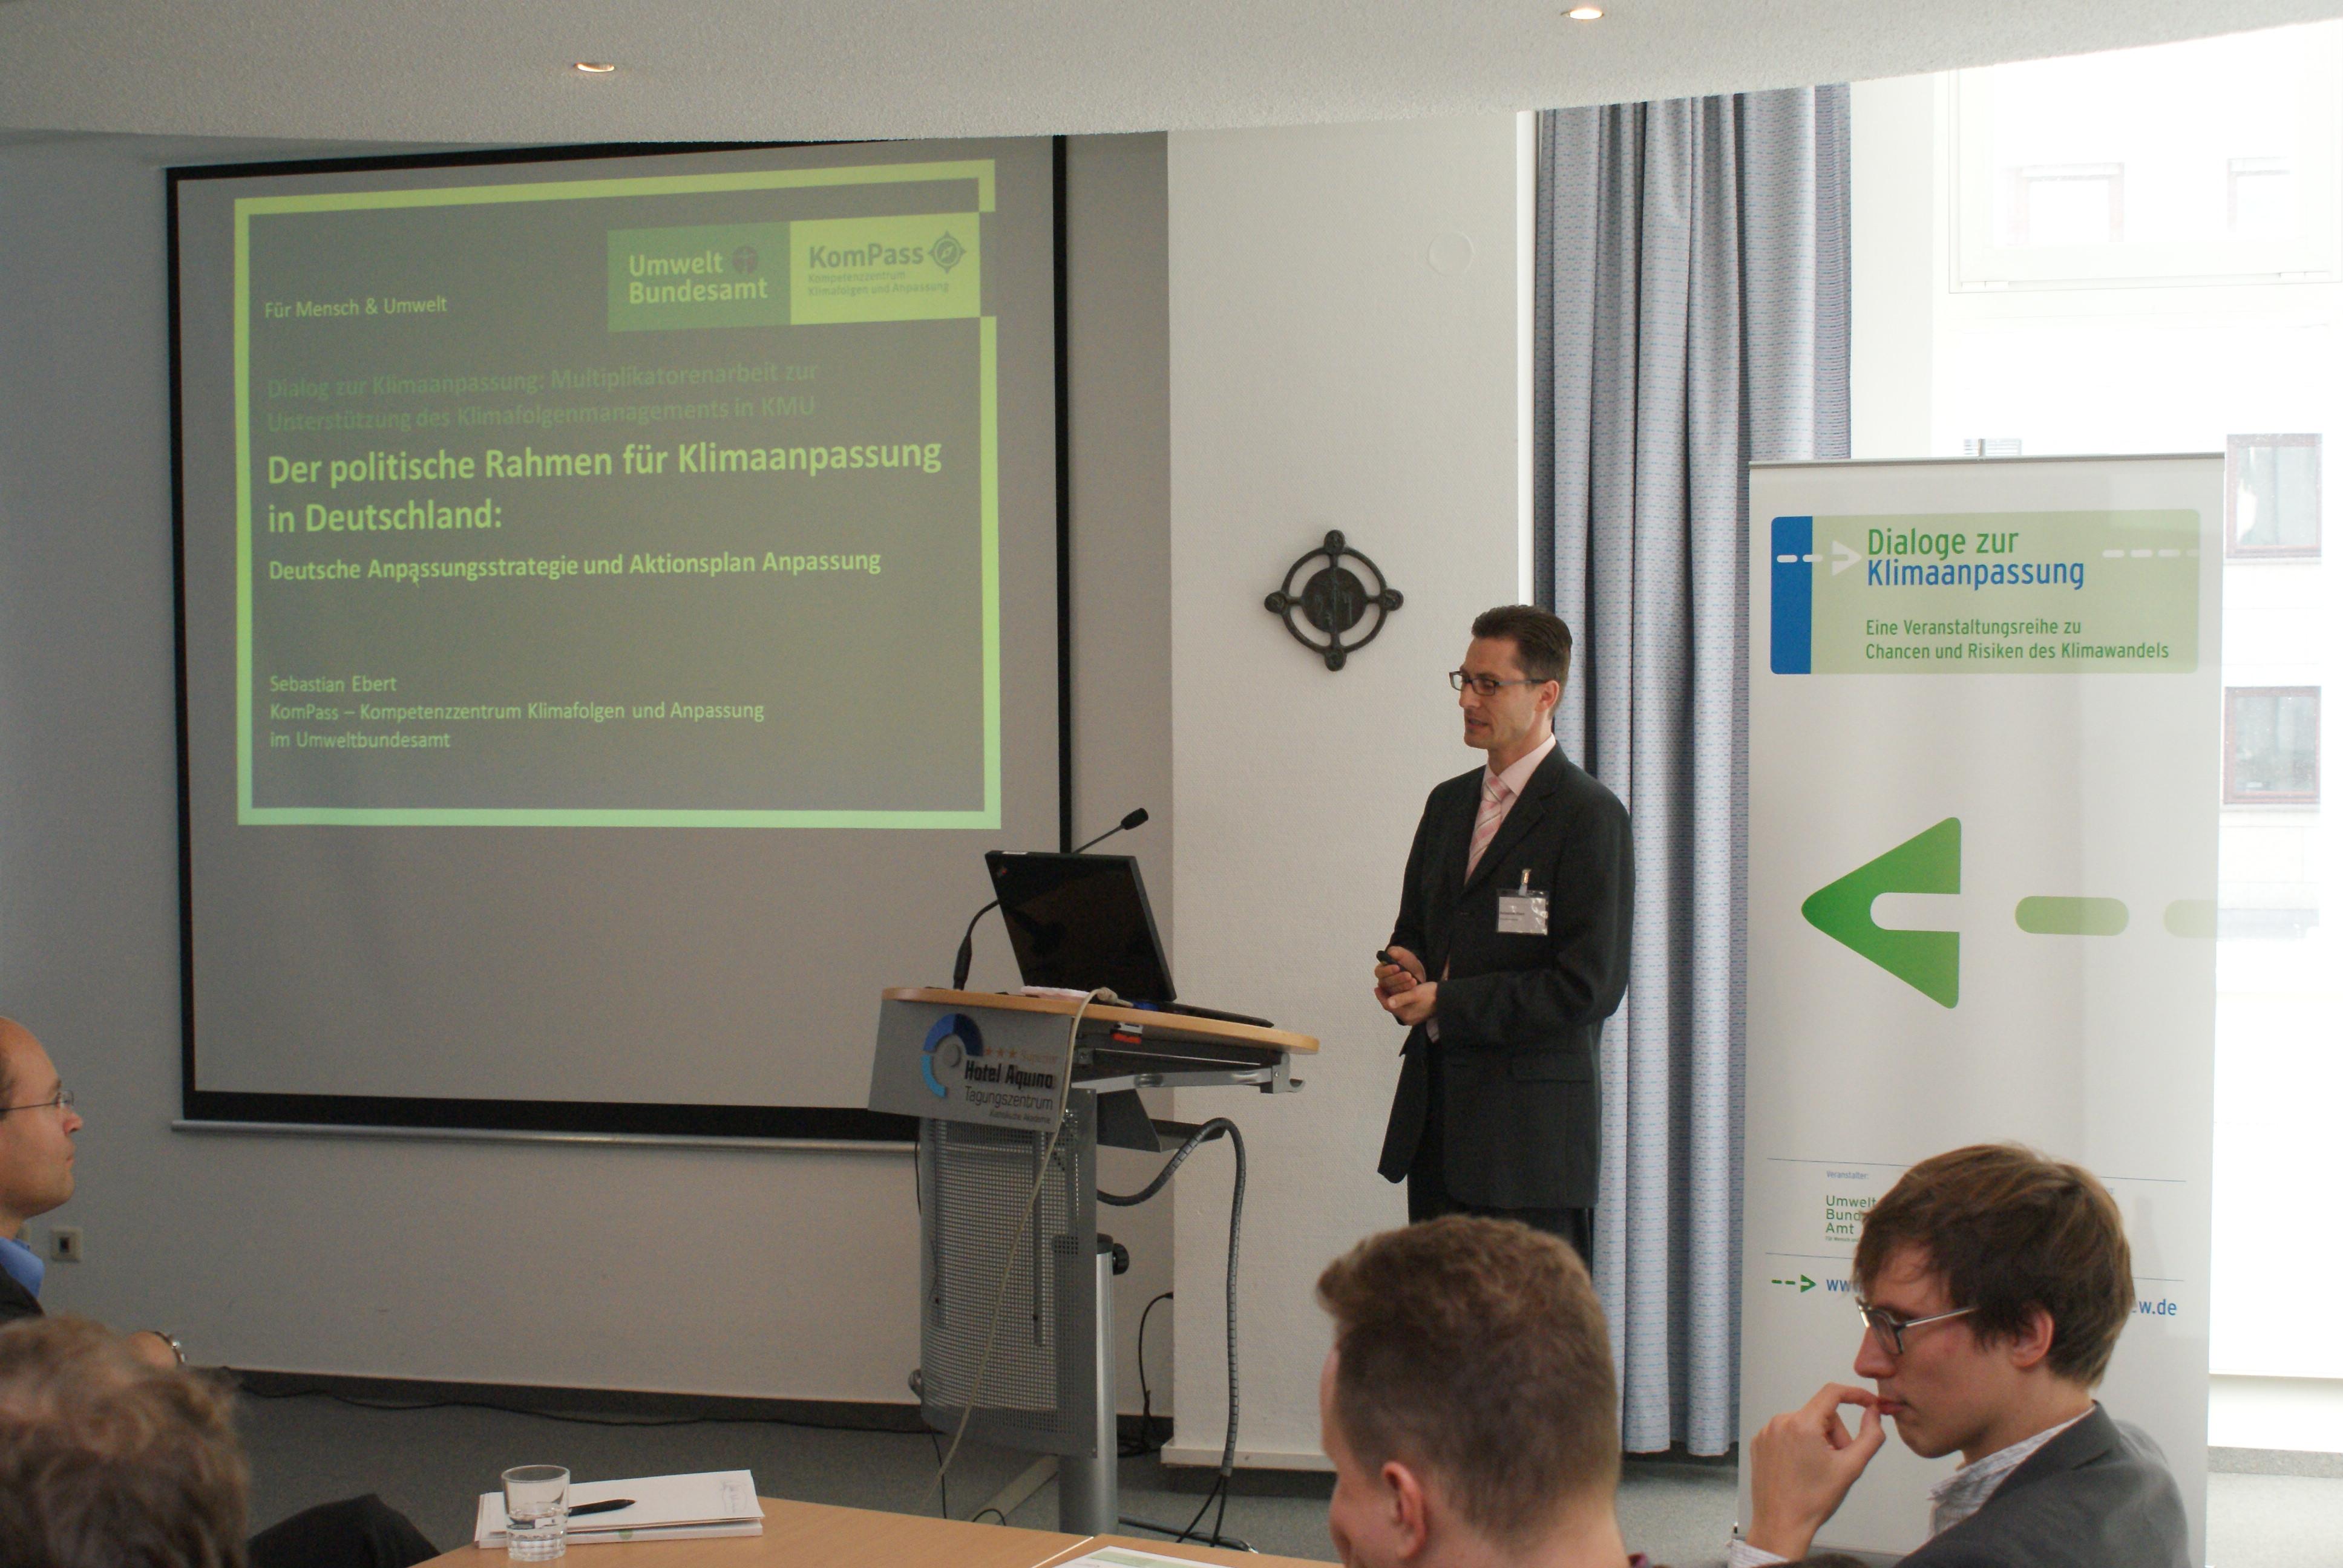 Vortragender steht am Rednerpult. Im Hintergrund sieht man die Präsentation auf Projektionswand und Veranstaltungsaufsteller.